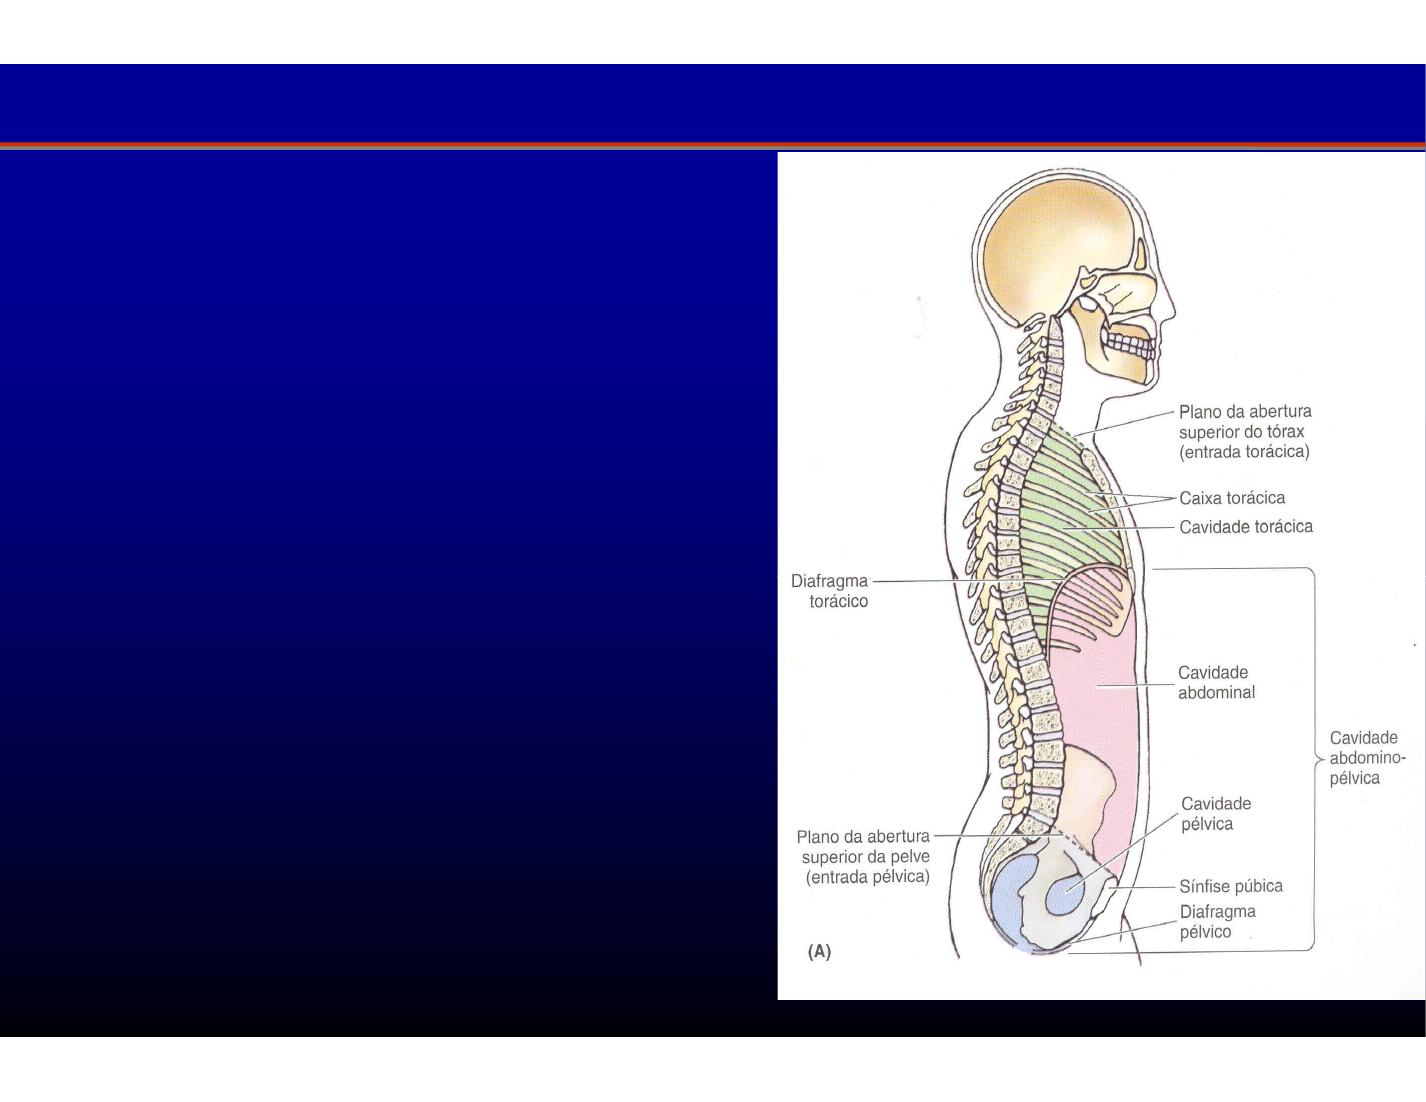 Anatomia del Abdomen | El cuaderno de Medicina